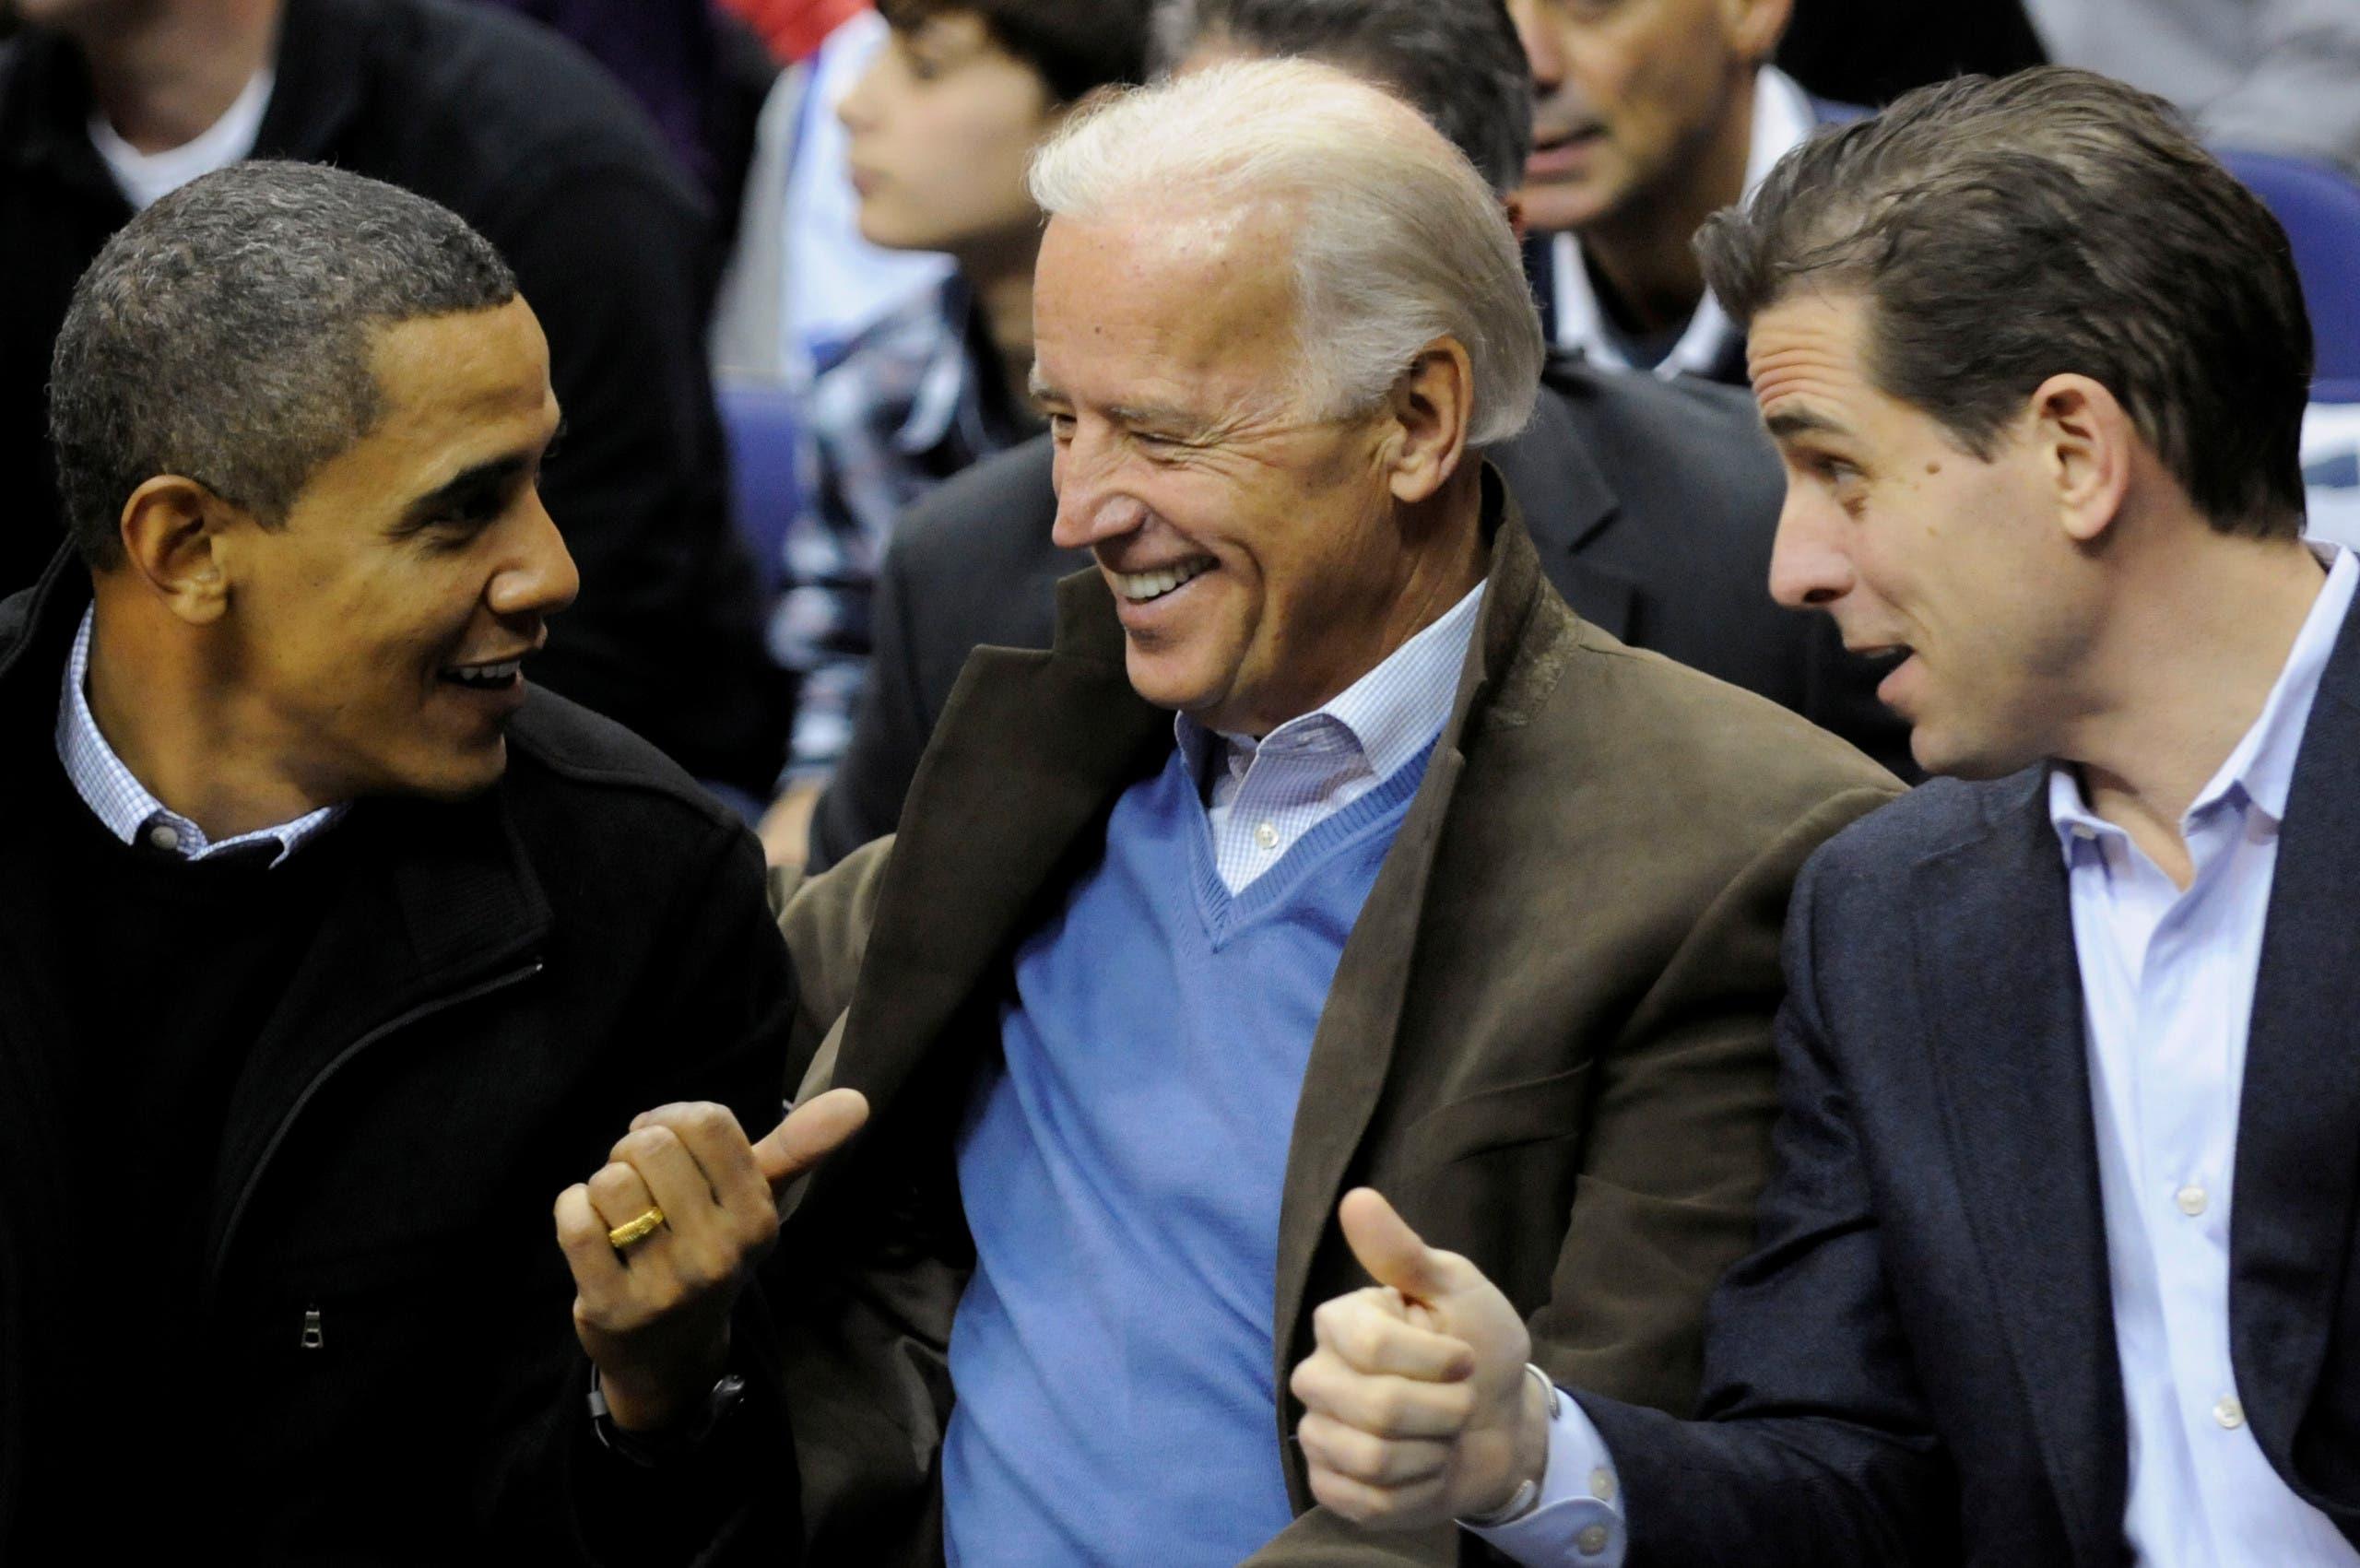 جو بايدن يتوسط نجله هانتر والرئيس الأميركي السابق باراك أوباما(أرشيفية- رويترز)